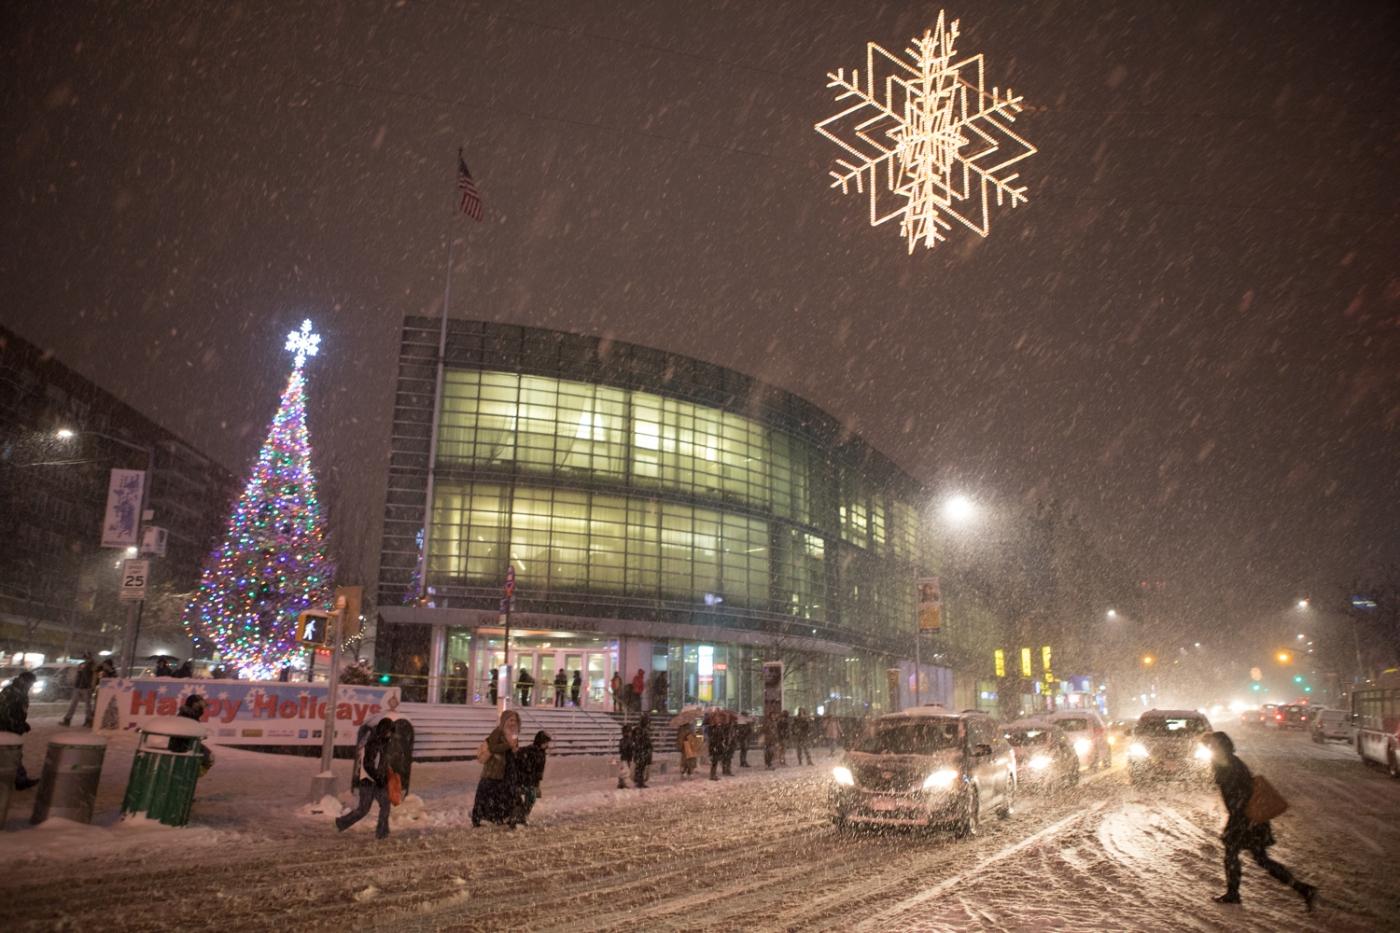 紐約: 風雪法拉盛 190107_图1-43